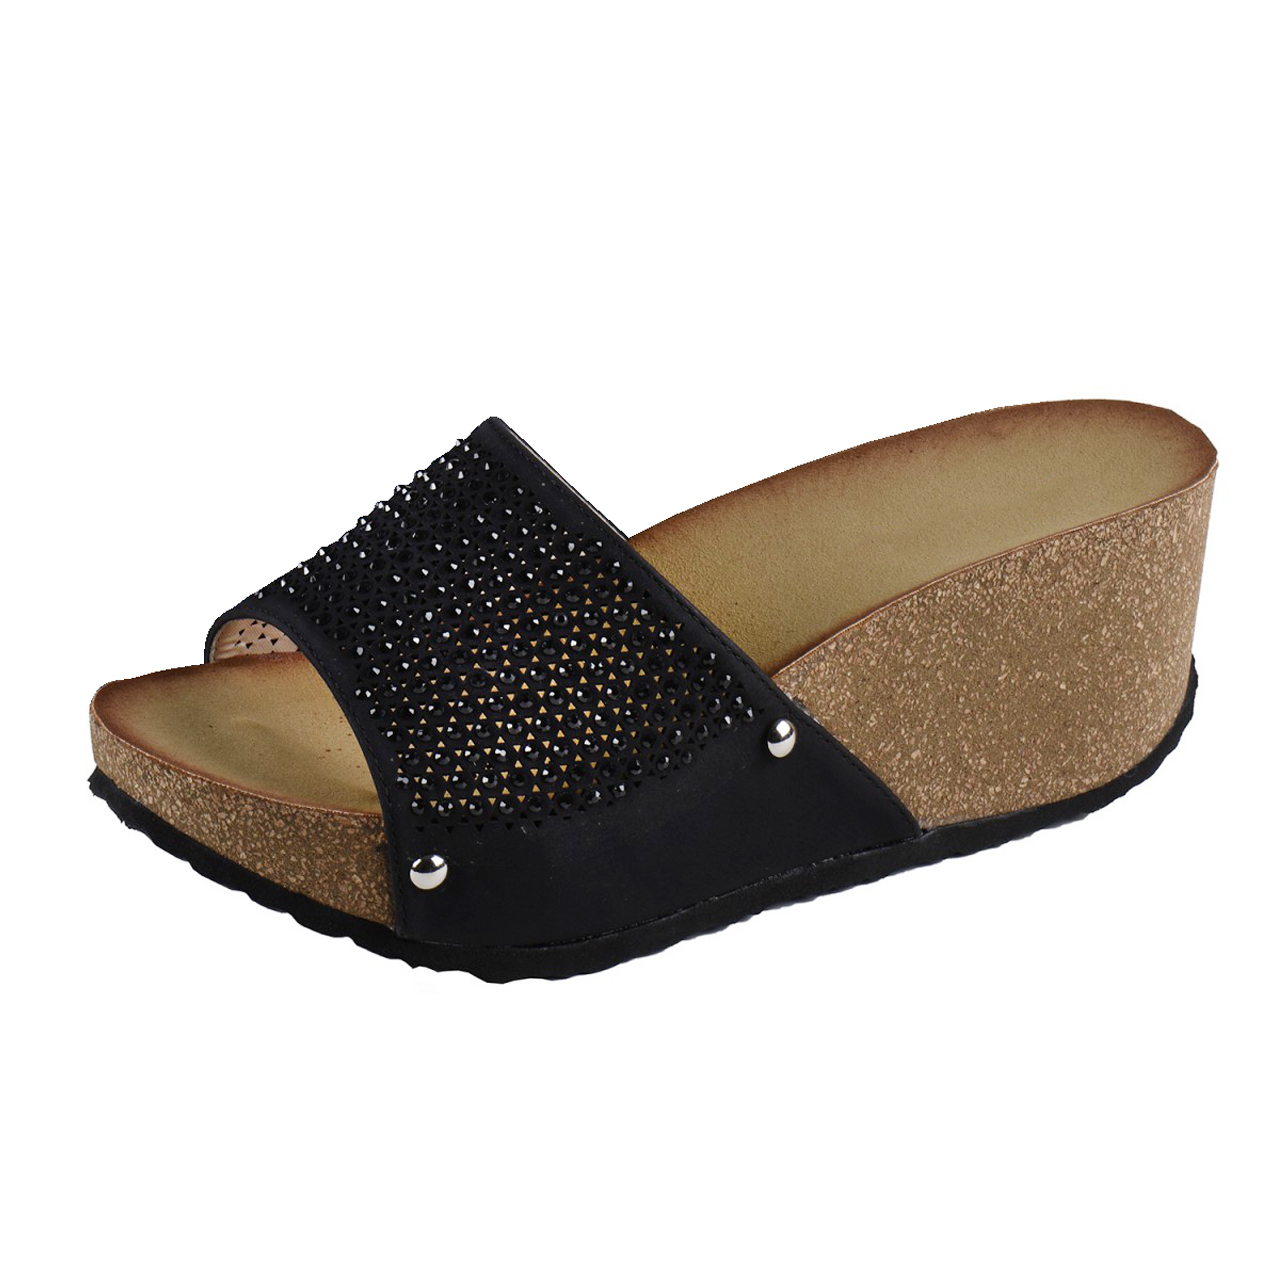 damen plateau sandalen gloria mit strassteinen ebay. Black Bedroom Furniture Sets. Home Design Ideas